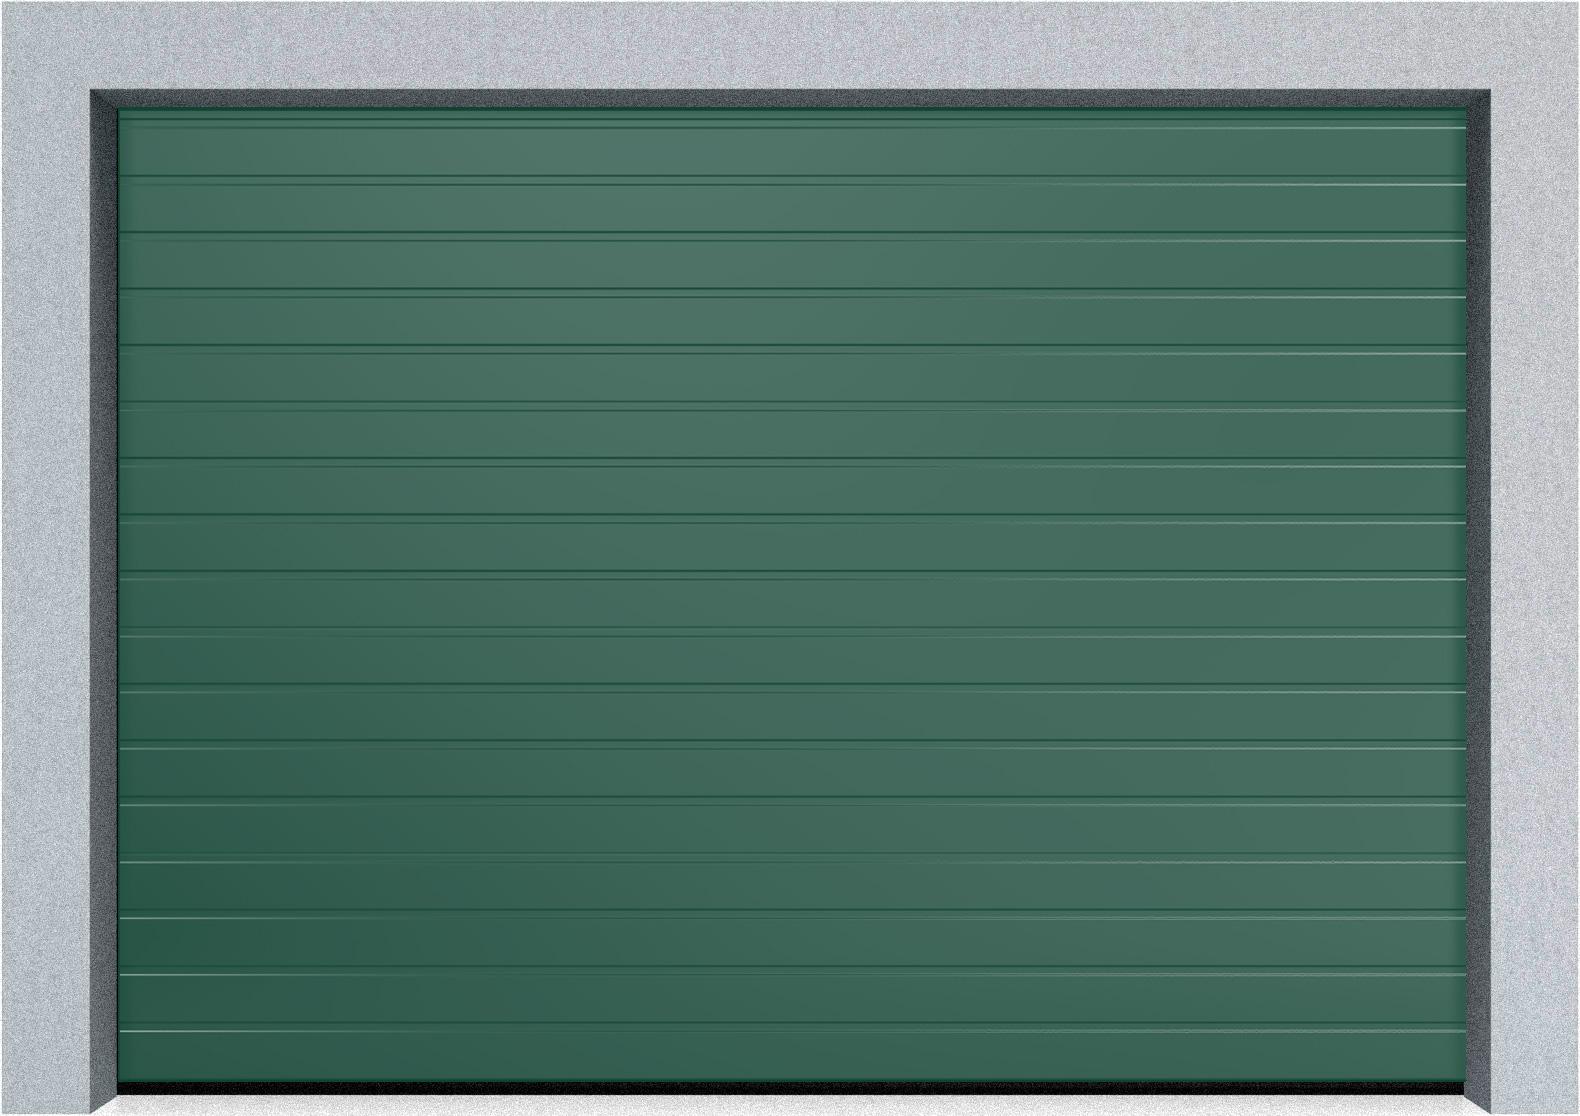 Секционные промышленные ворота Alutech ProTrend 2500х2000 S-гофр, Микроволна стандартные цвета, фото 7